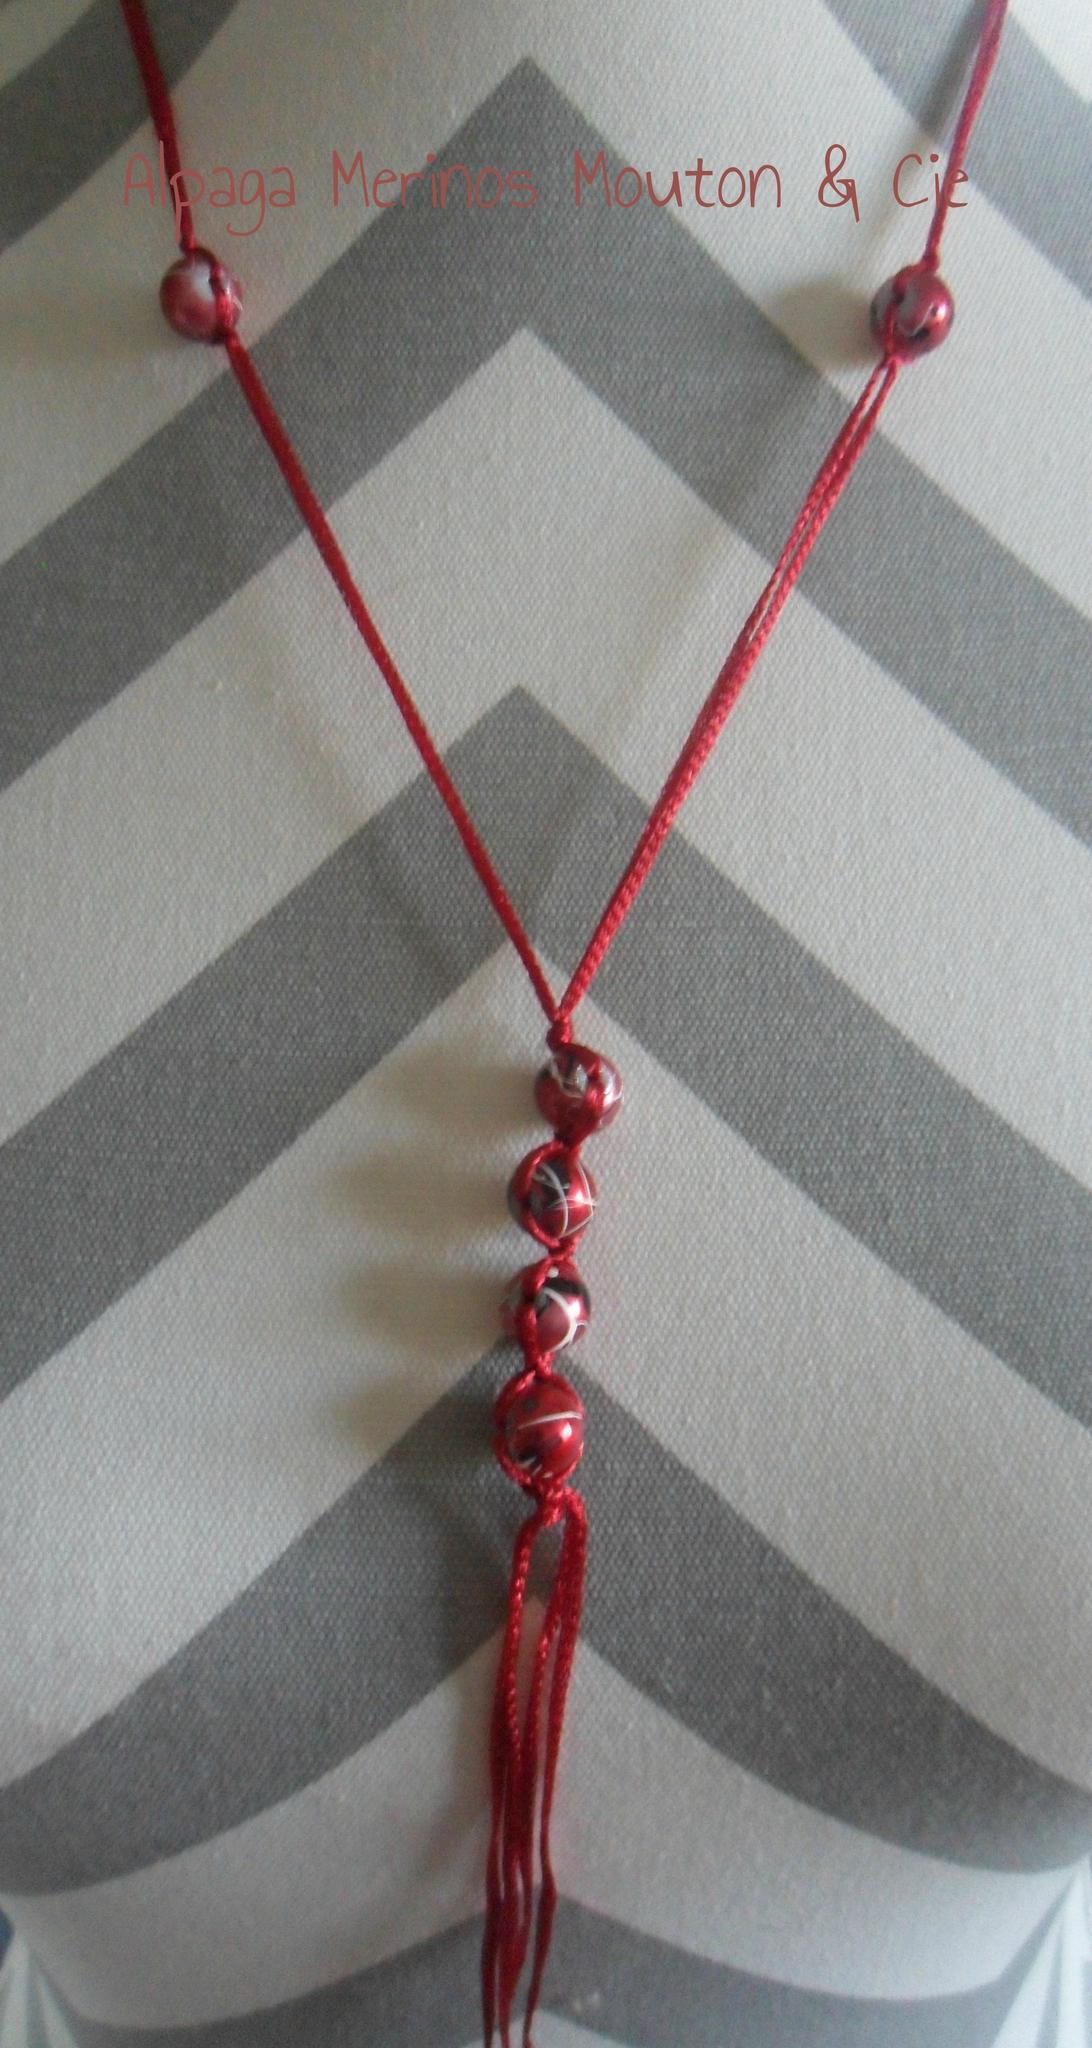 Des colliers par millier